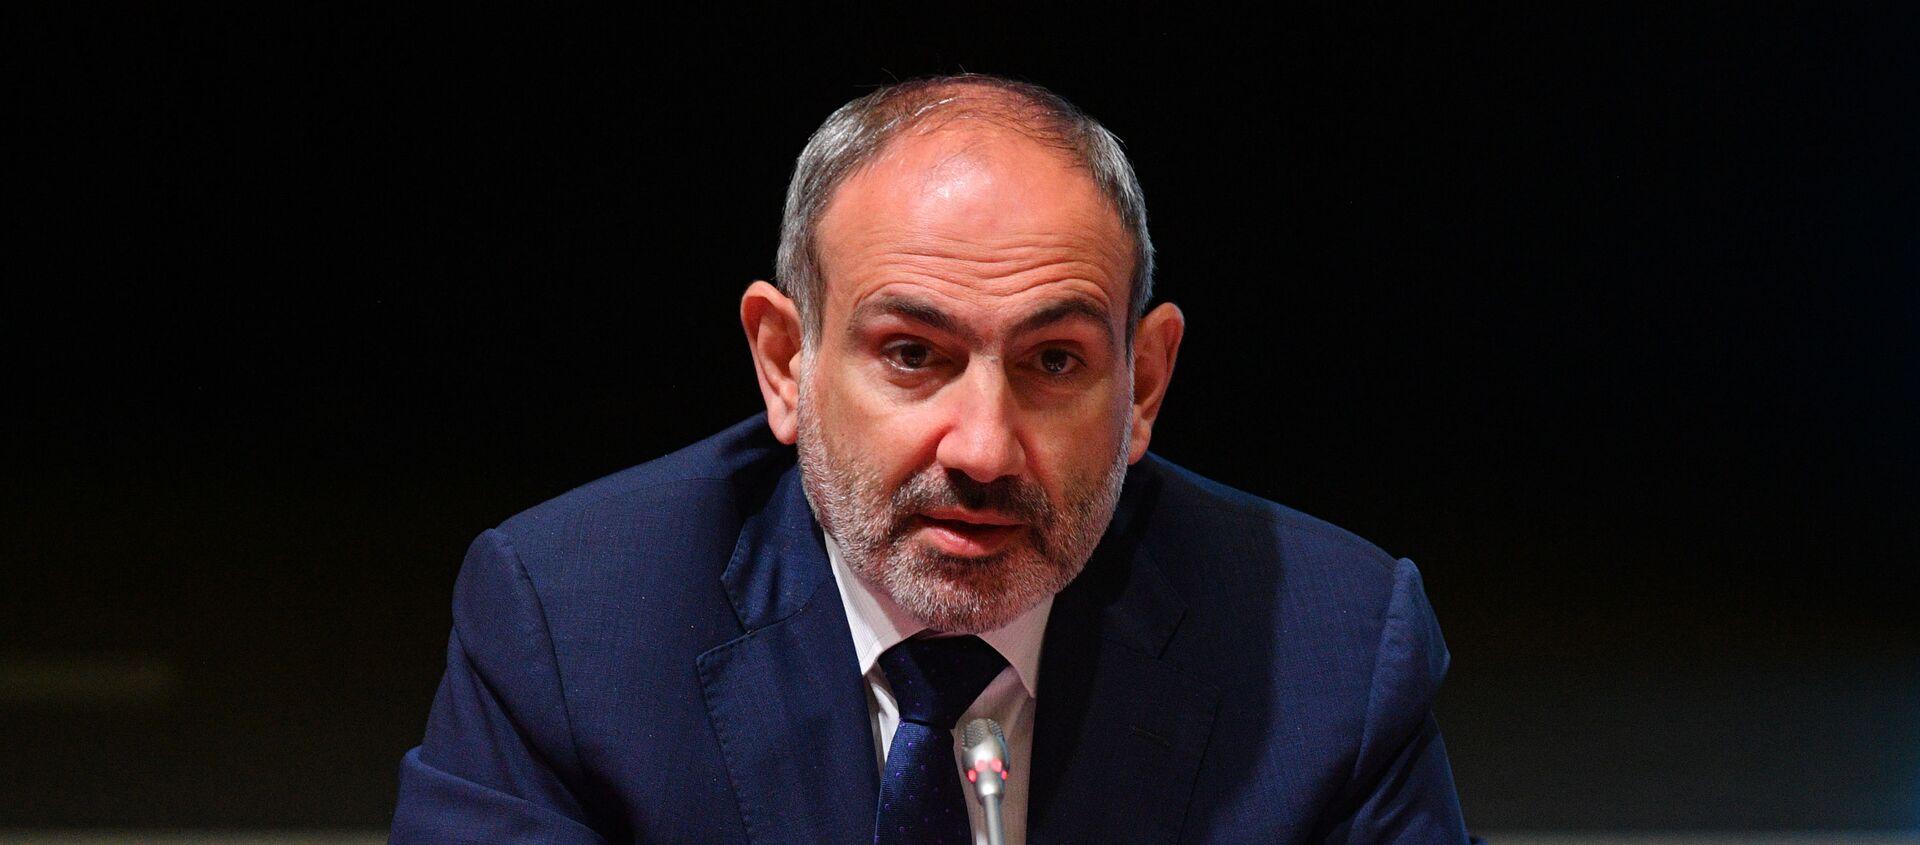 Ermenistan Başbakanı Nikol Paşinyan - Sputnik Türkiye, 1920, 01.03.2021